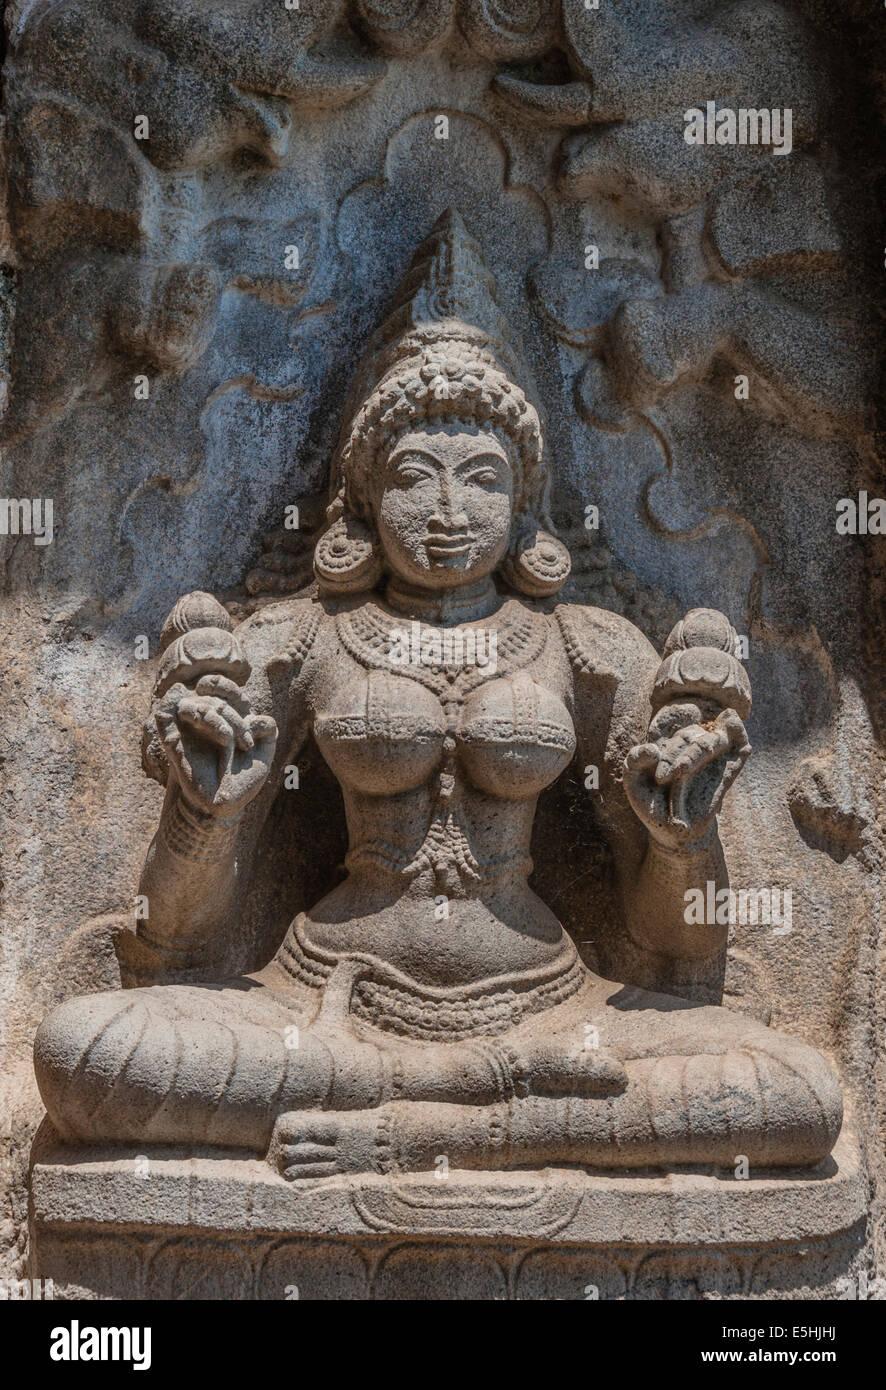 Indian Goddess Stock Photos & Indian Goddess Stock Images - Alamy